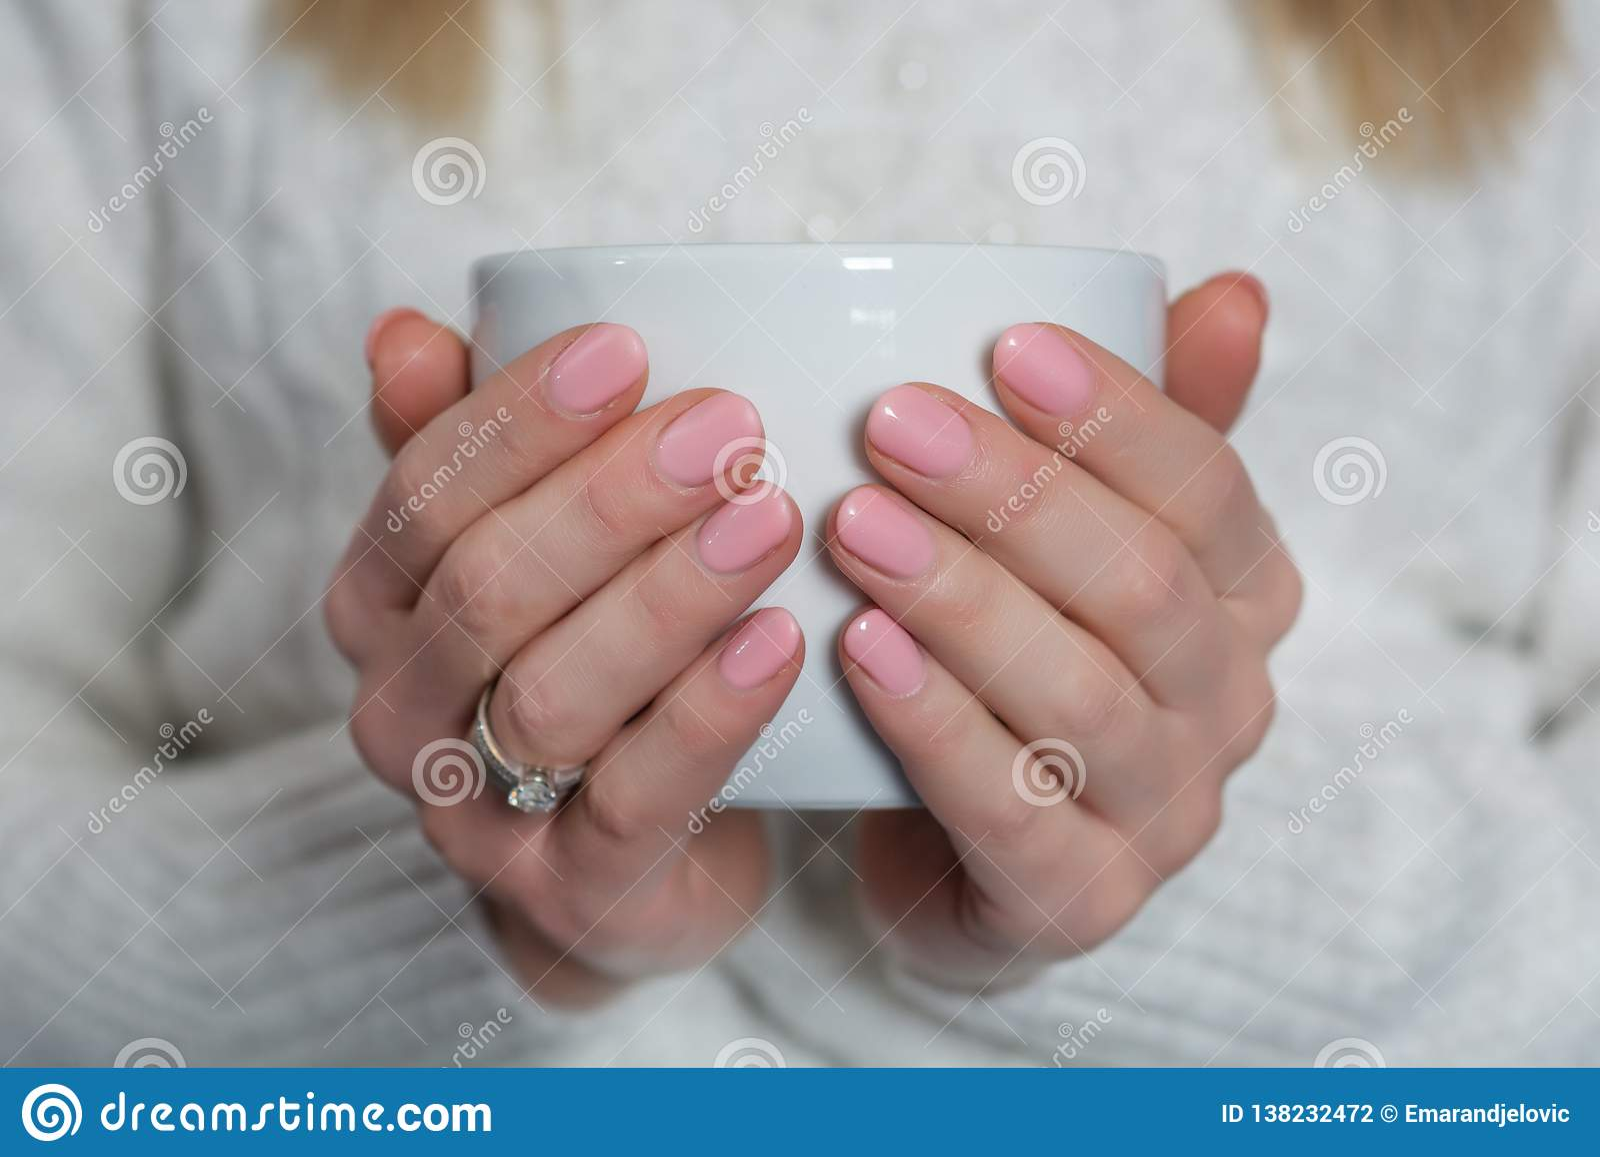 Η γυναίκα με τα ρόδινα καρφιά χρώματος μωρών γυαλίζει το πήκτωμα στα δάχτυλα κρατώντας το φλυτζάνι του τσαγιού